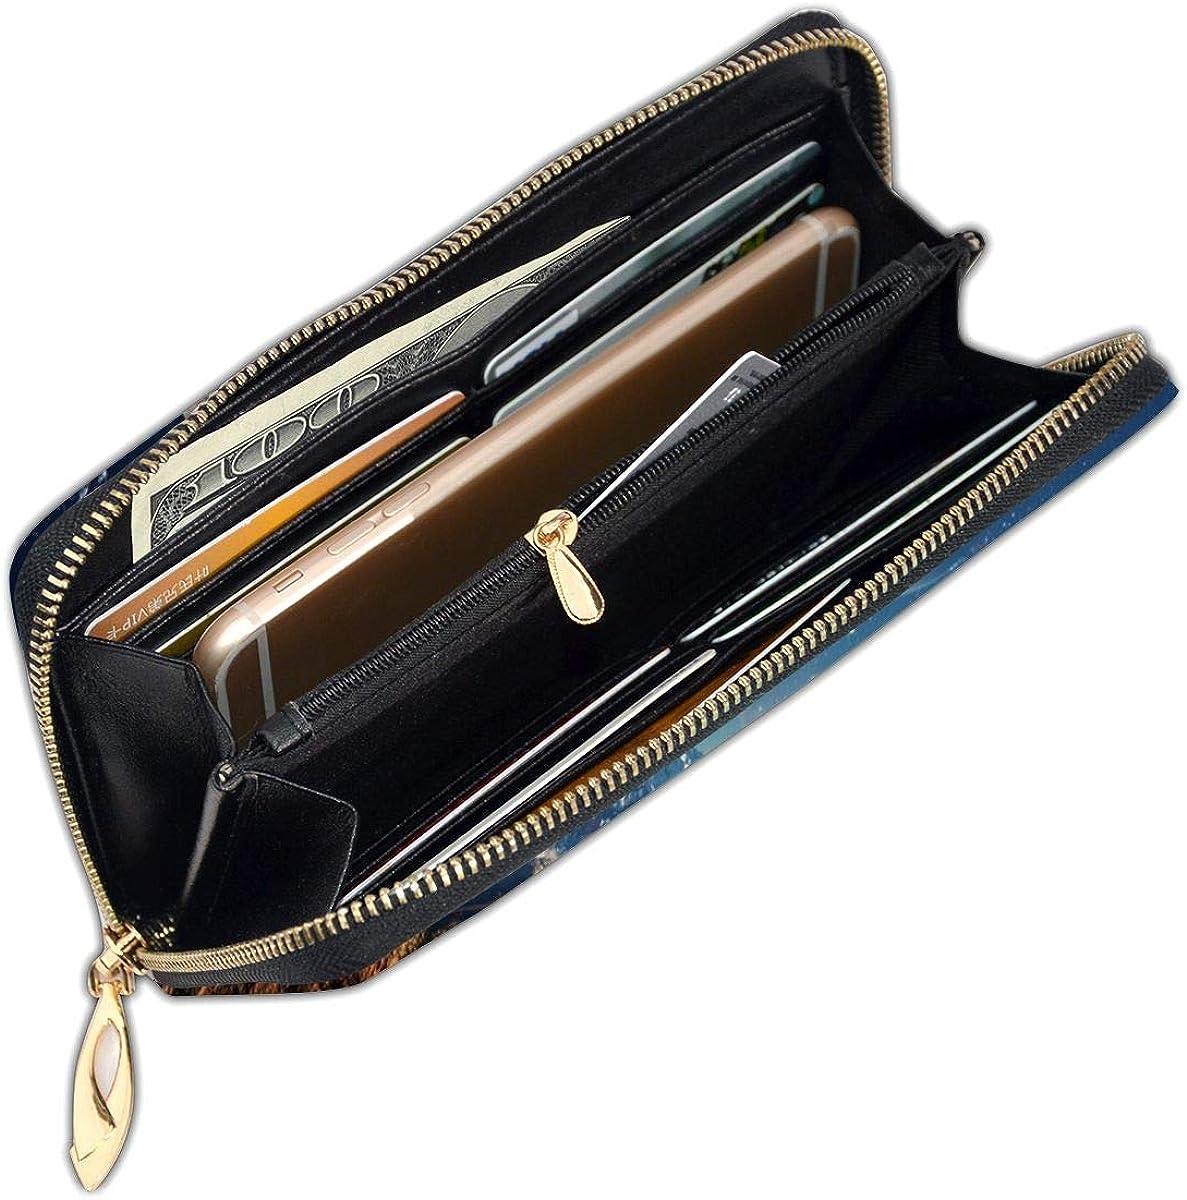 Women Genuine Leather Wallets Pyramids Of Egypt Credit Card Holder Organizer Ladies Purse Zipper Around Clutch Cash Pocket